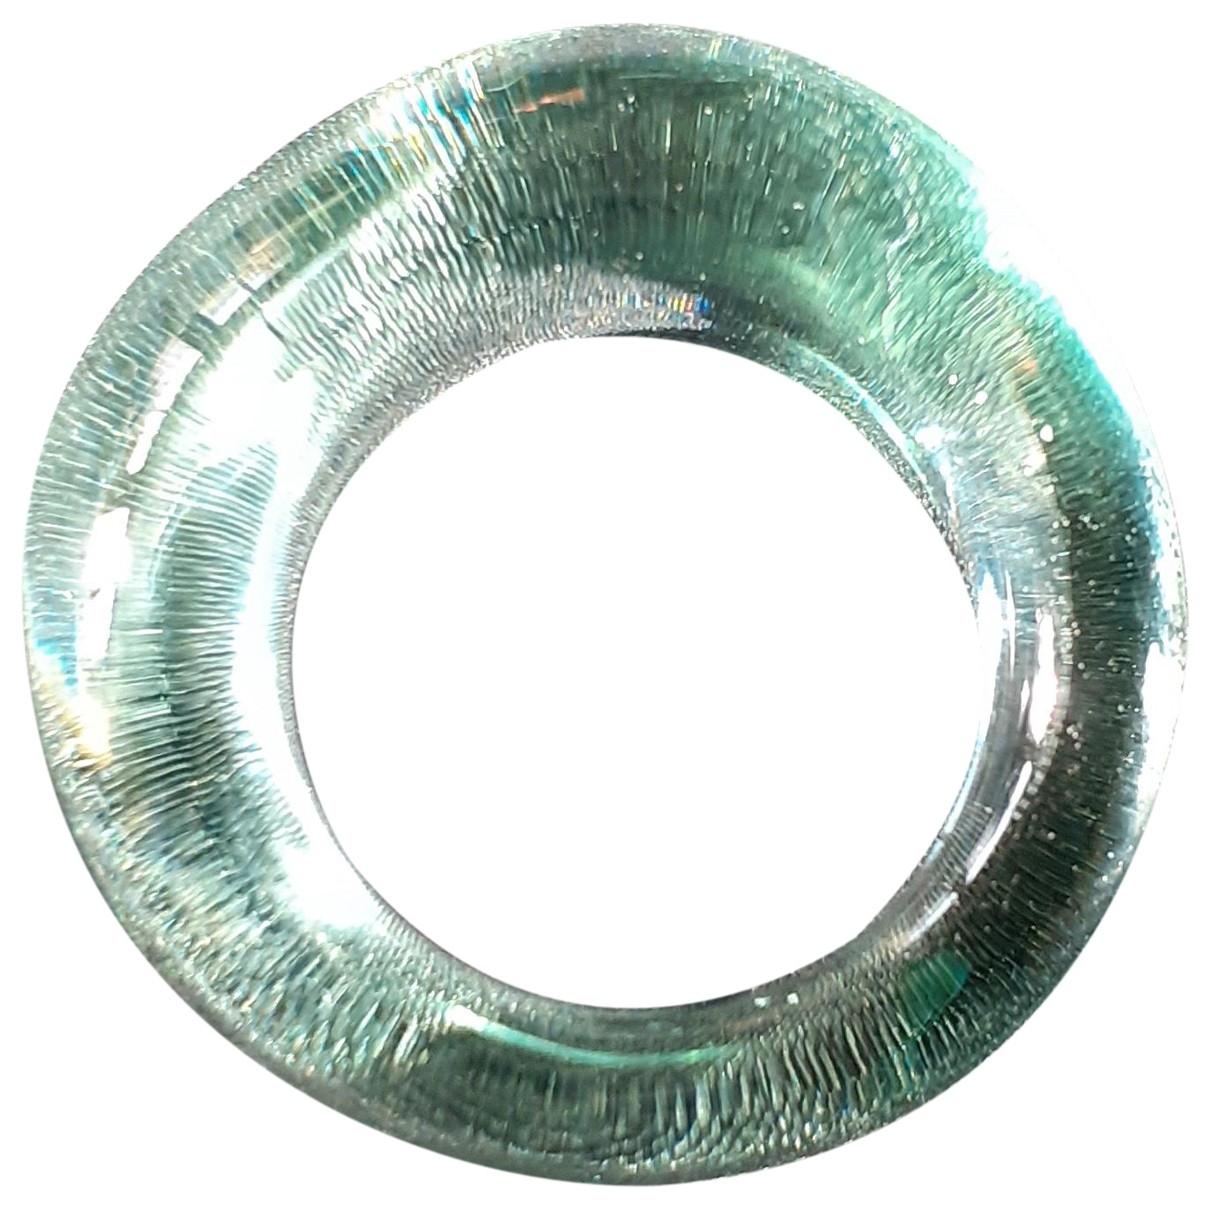 Baccarat - Bague   pour femme en cristal - vert